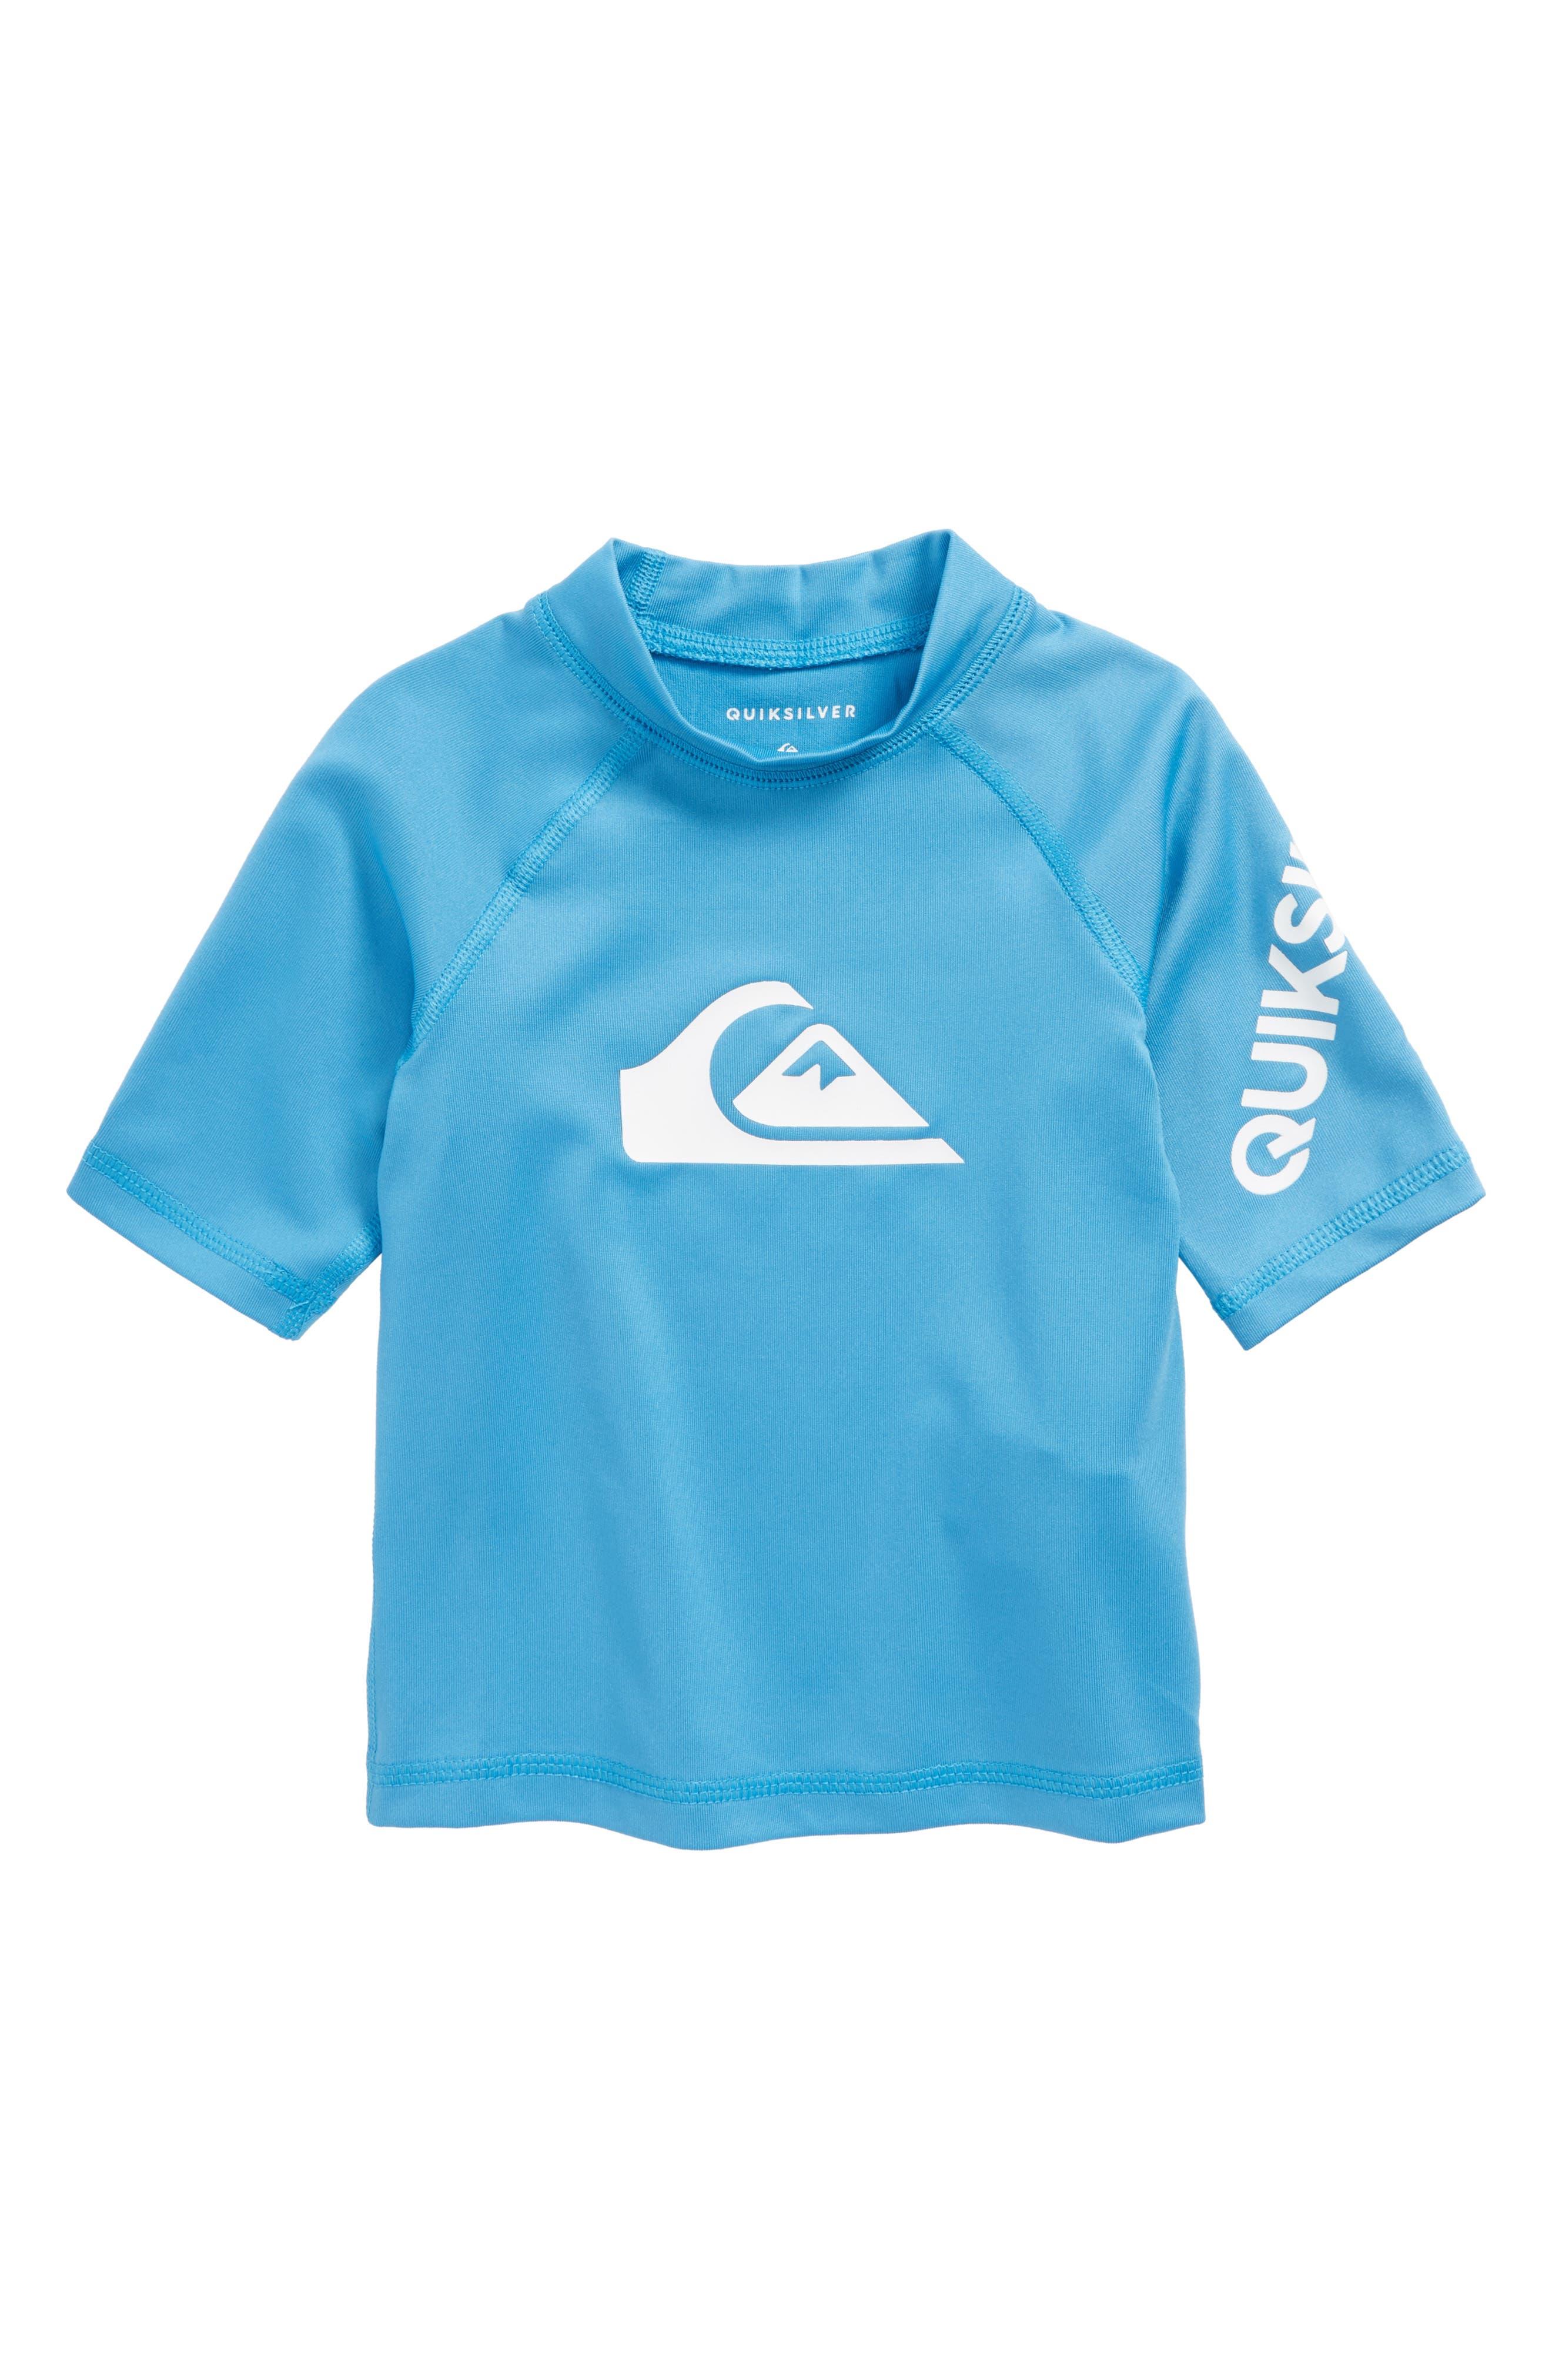 Logo Rashguard Shirt,                             Main thumbnail 1, color,